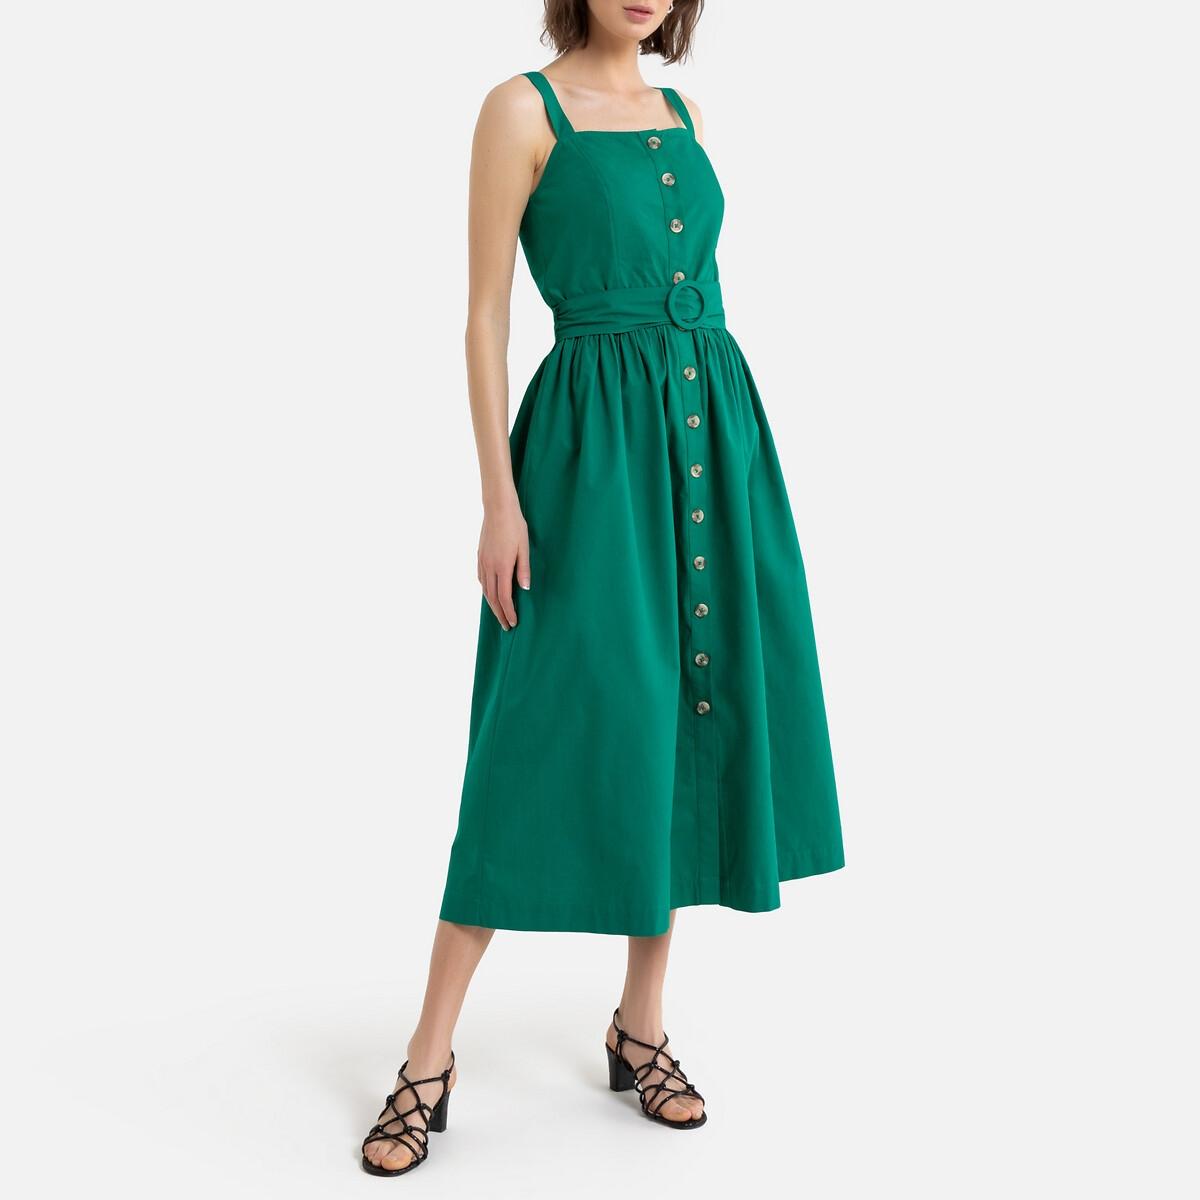 цена Платье-бюстье La Redoute Длинное на тонких бретелях 44 (FR) - 50 (RUS) зеленый онлайн в 2017 году